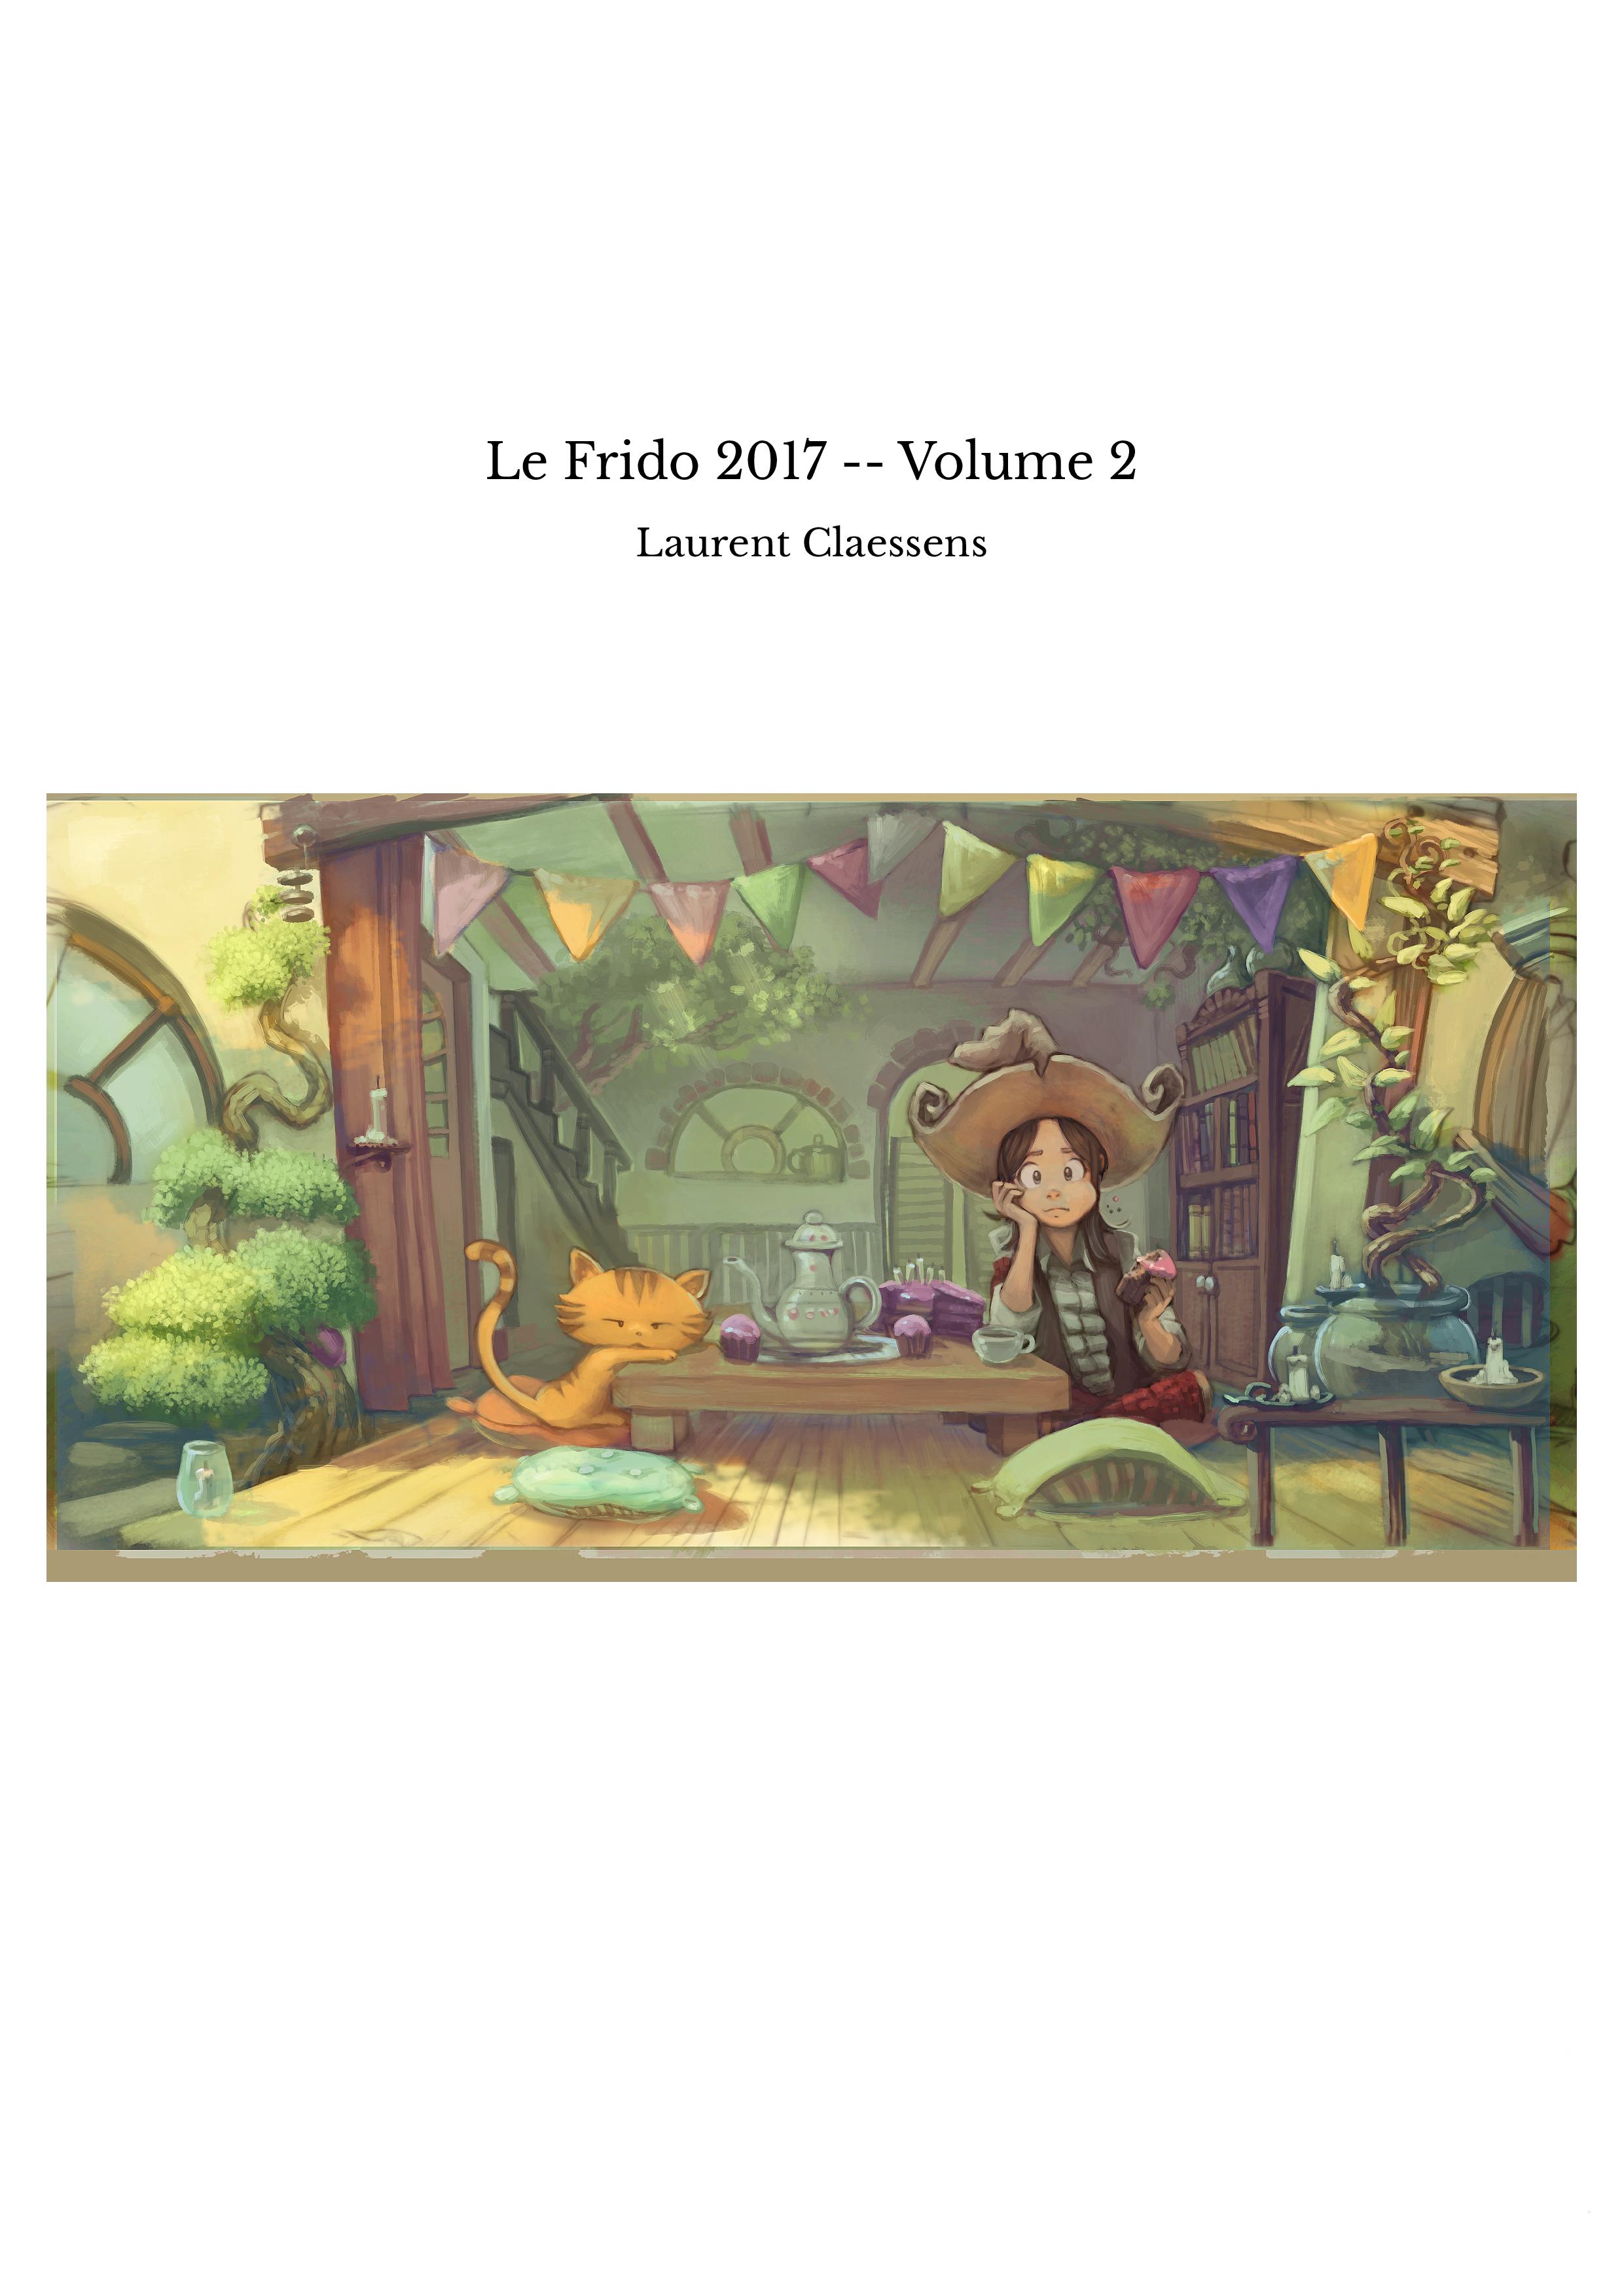 Le Frido 2017 -- Volume 2